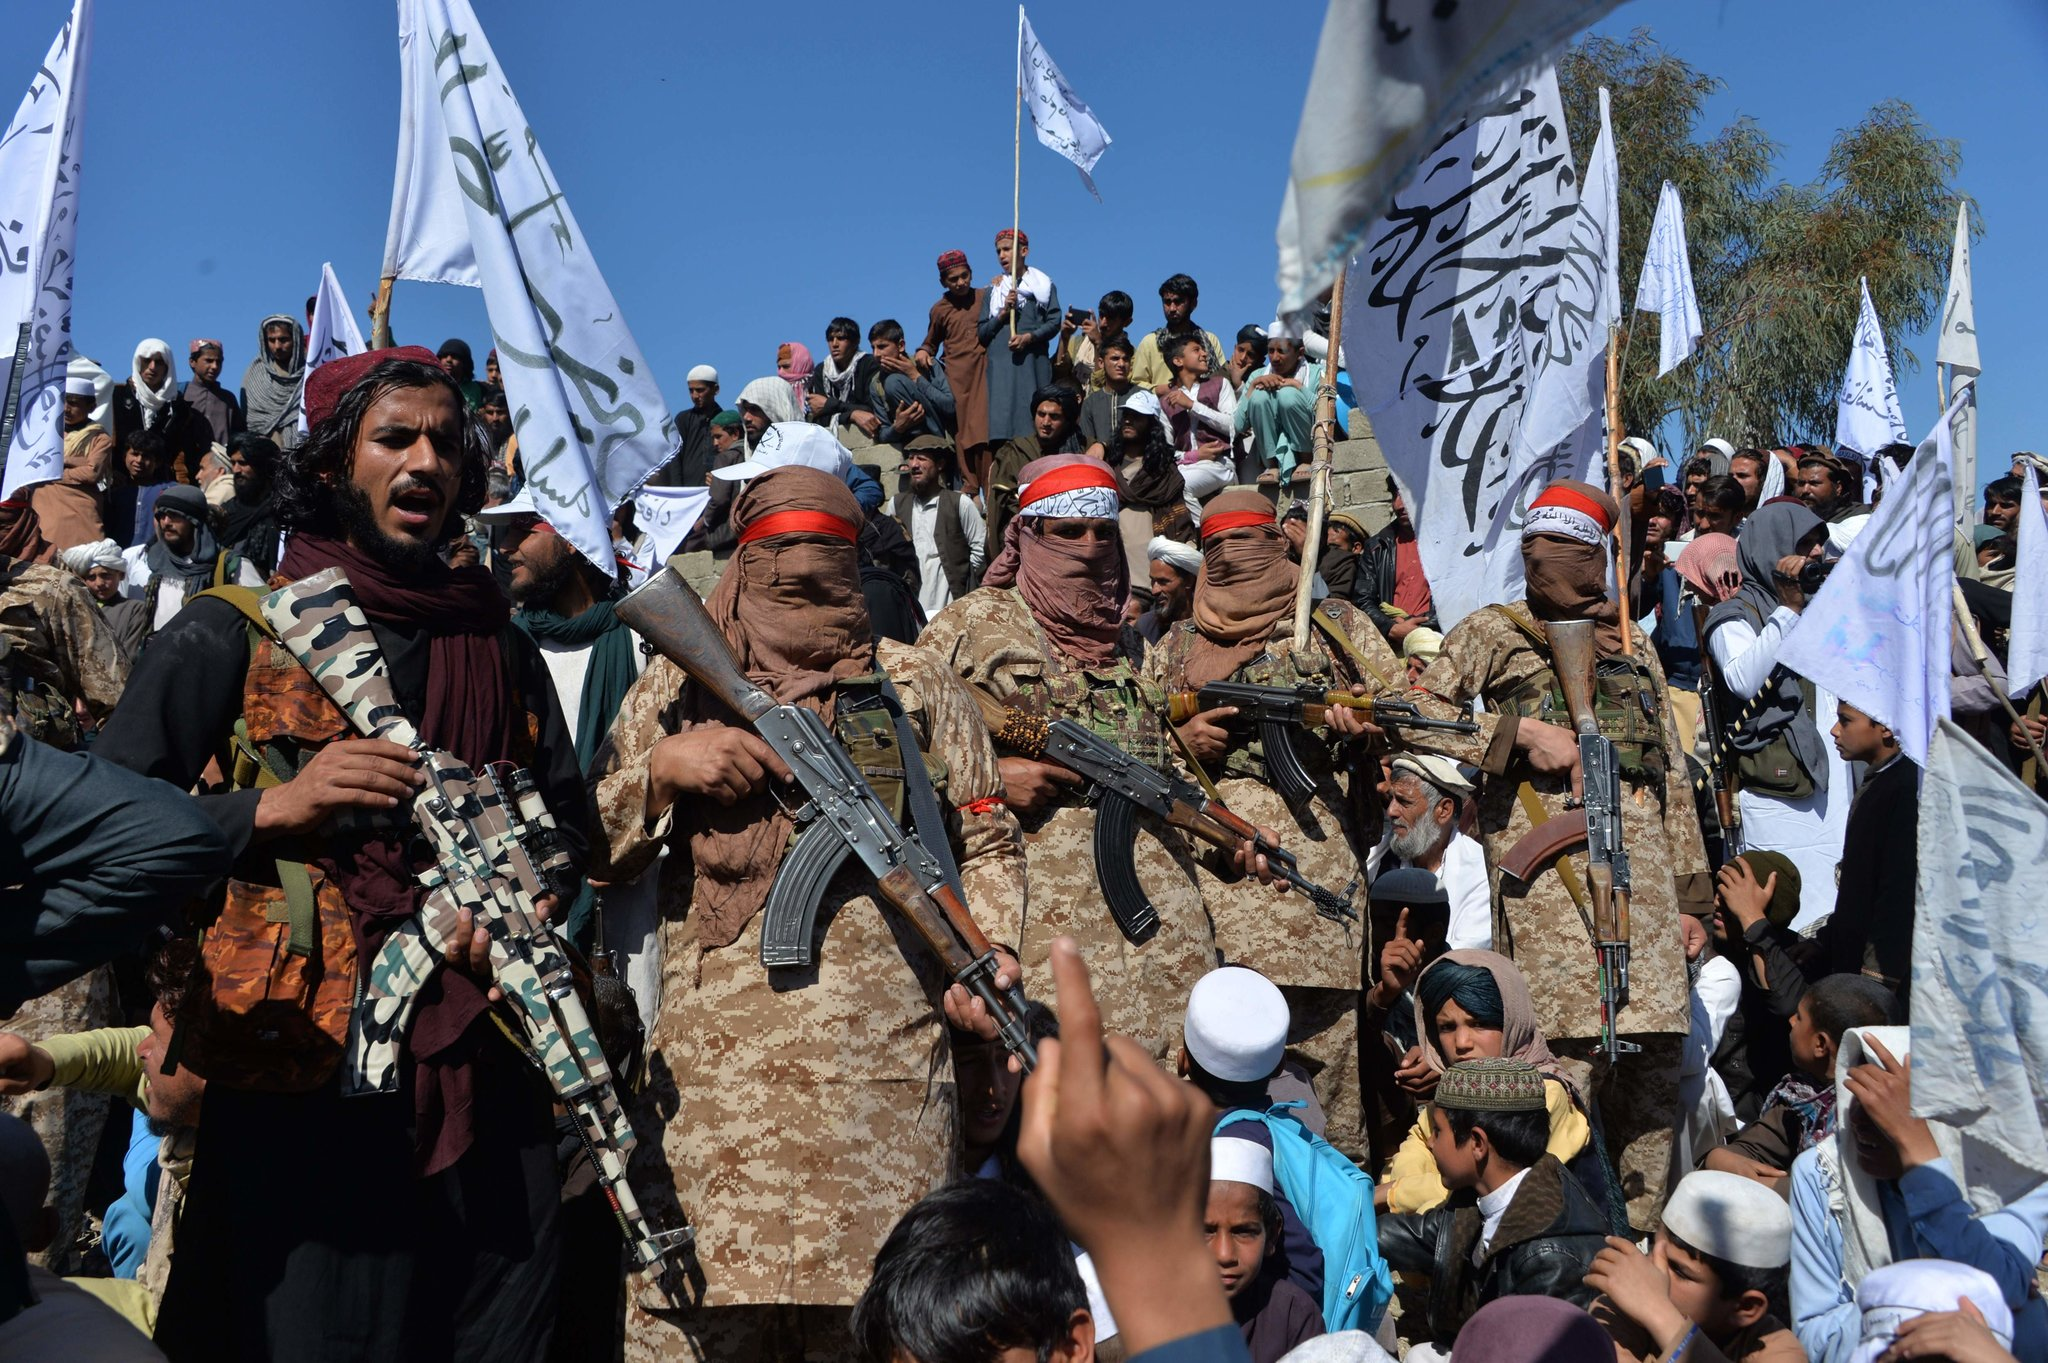 Талибански милитанти са сељанима у авганистанској провинцији Лагман прослављају договор између побуњеника и Сједињених Држава, 02. март 2020. (Фото: Noorullah Shirzada/Agence France-Presse/Getty Images)